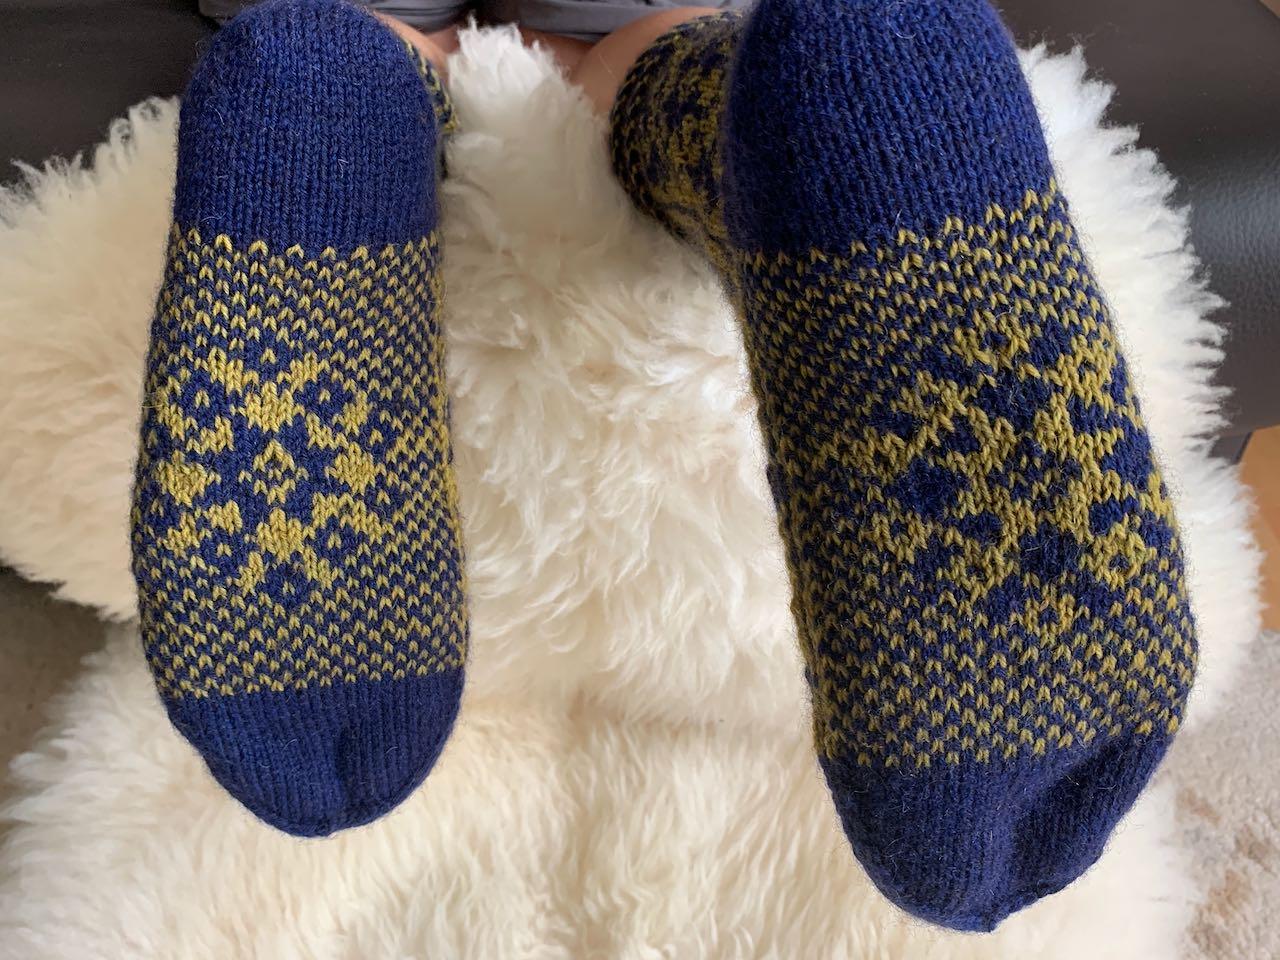 Das Sohlenmuster bei meinen KerstaSocks ist bei beiden Socken farblich unterschiedlich.